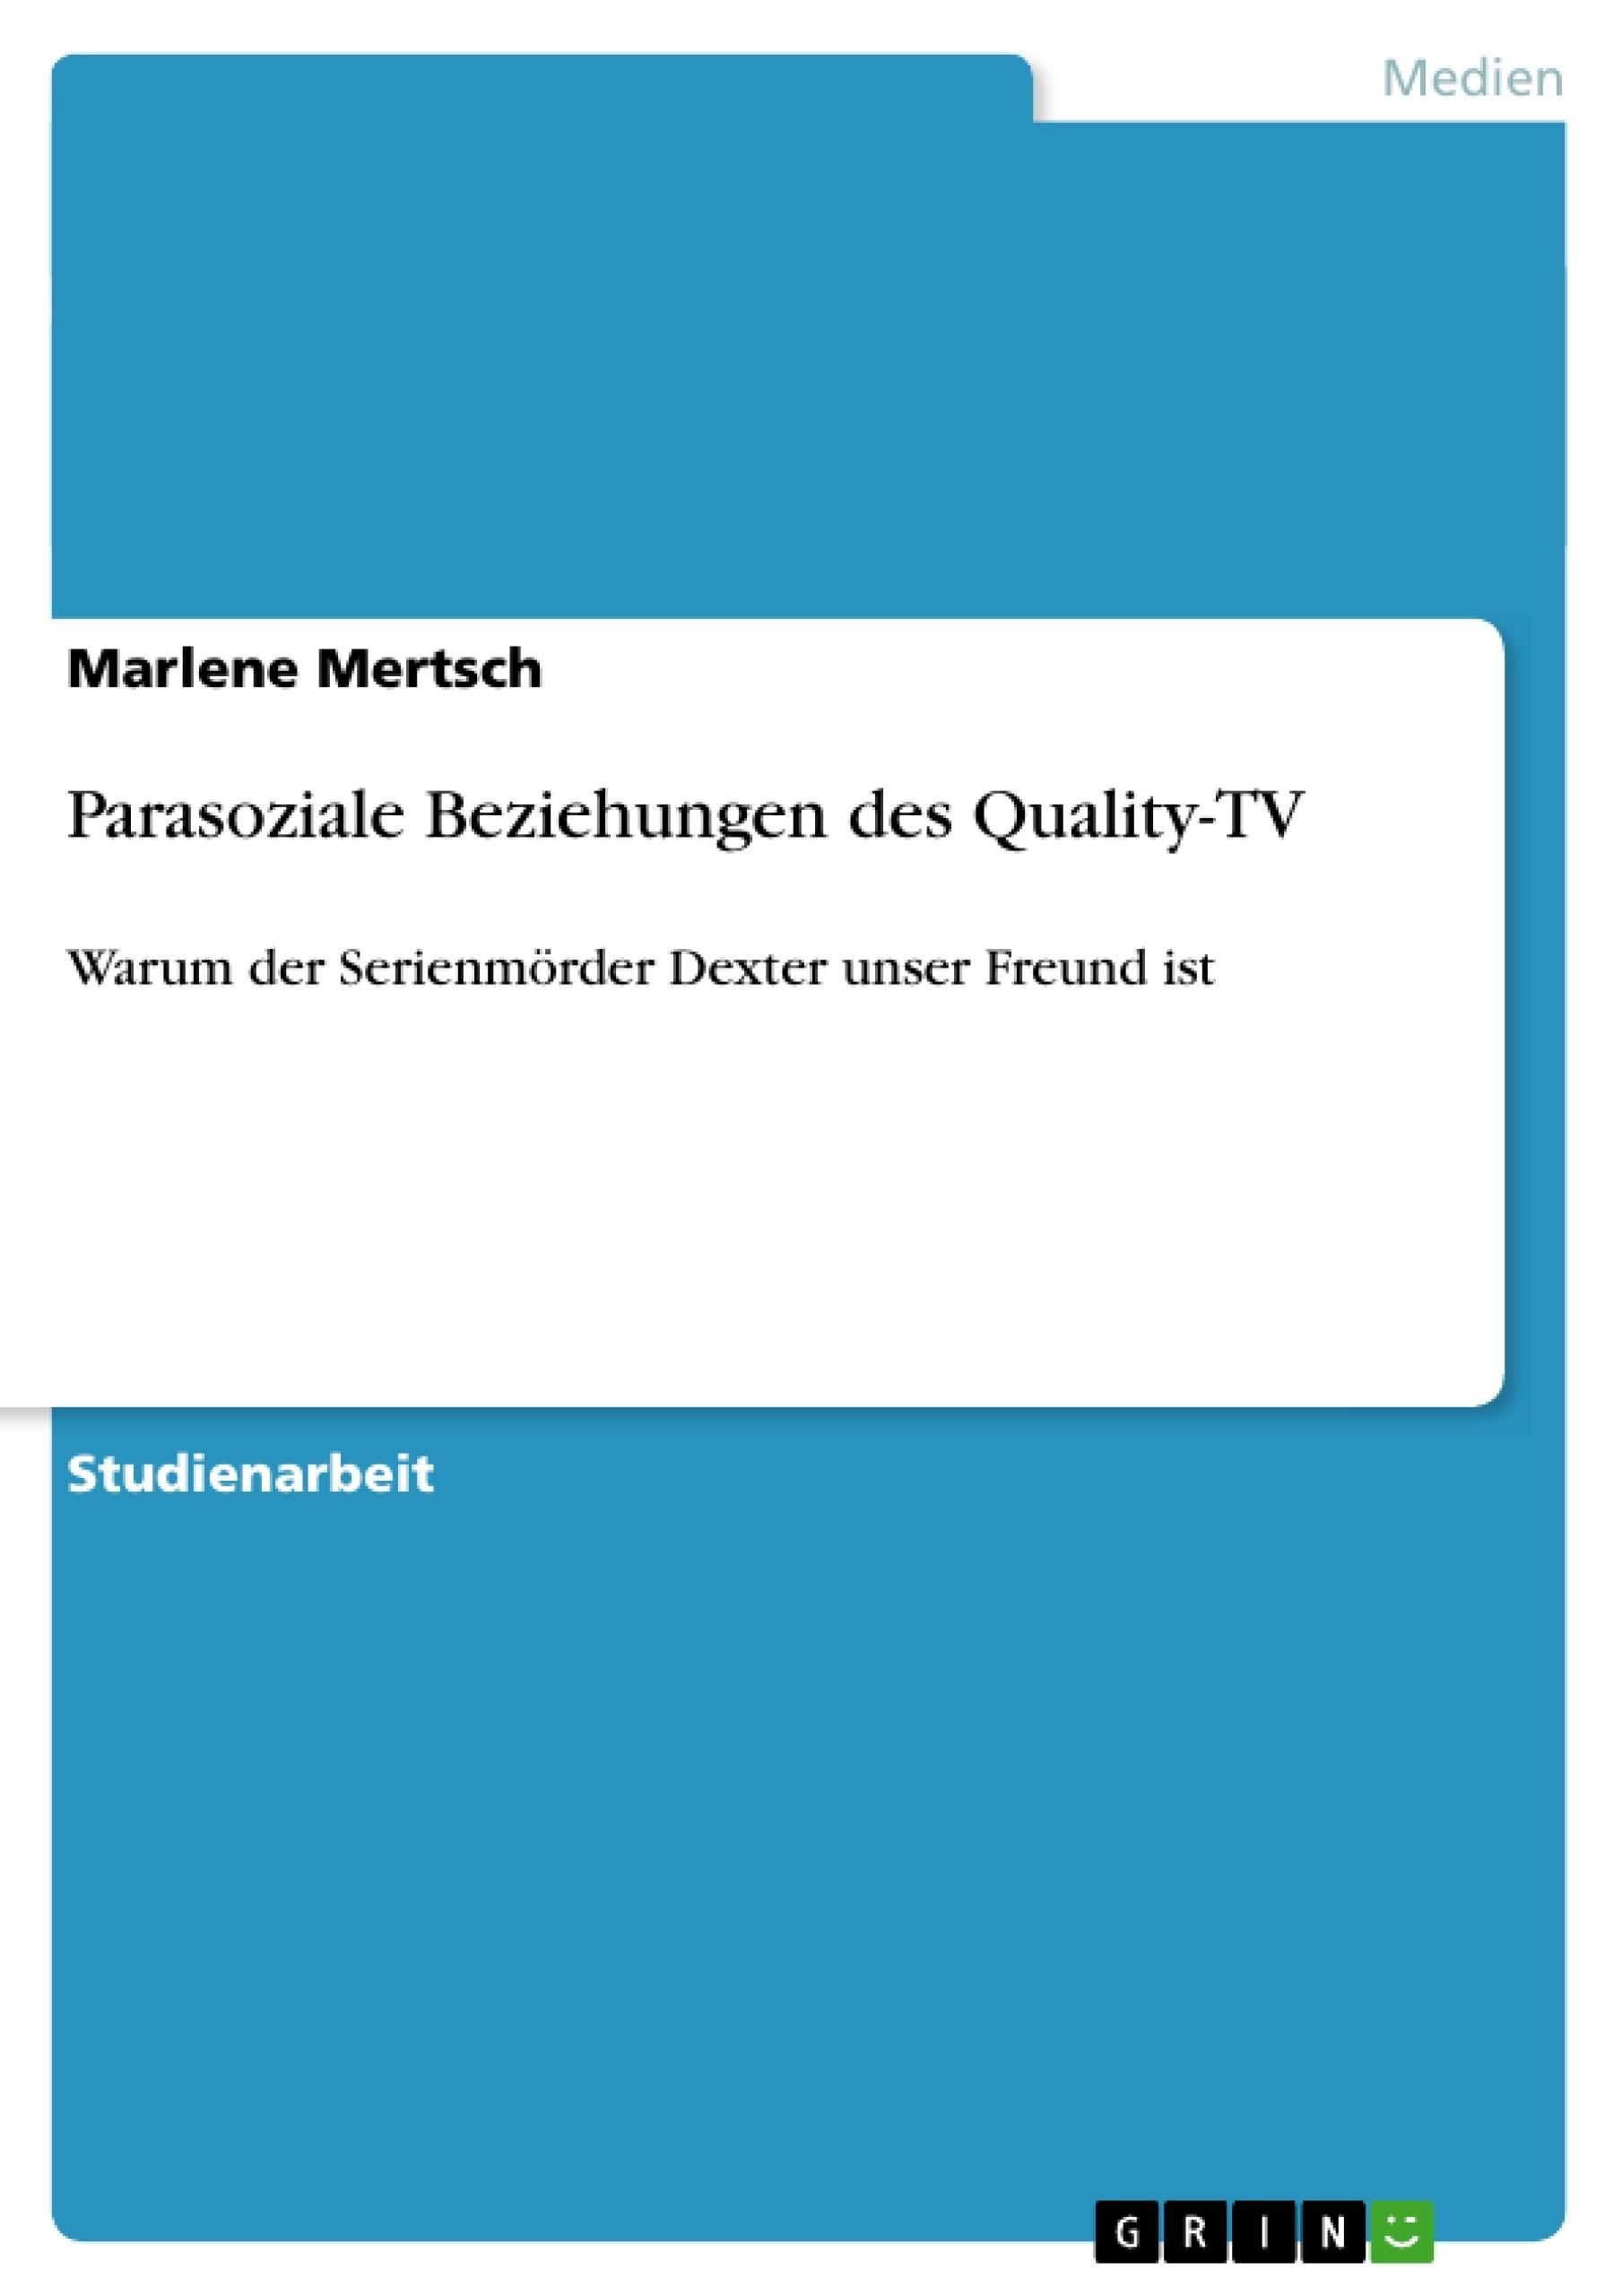 Titel: Parasoziale Beziehungen des Quality-TV